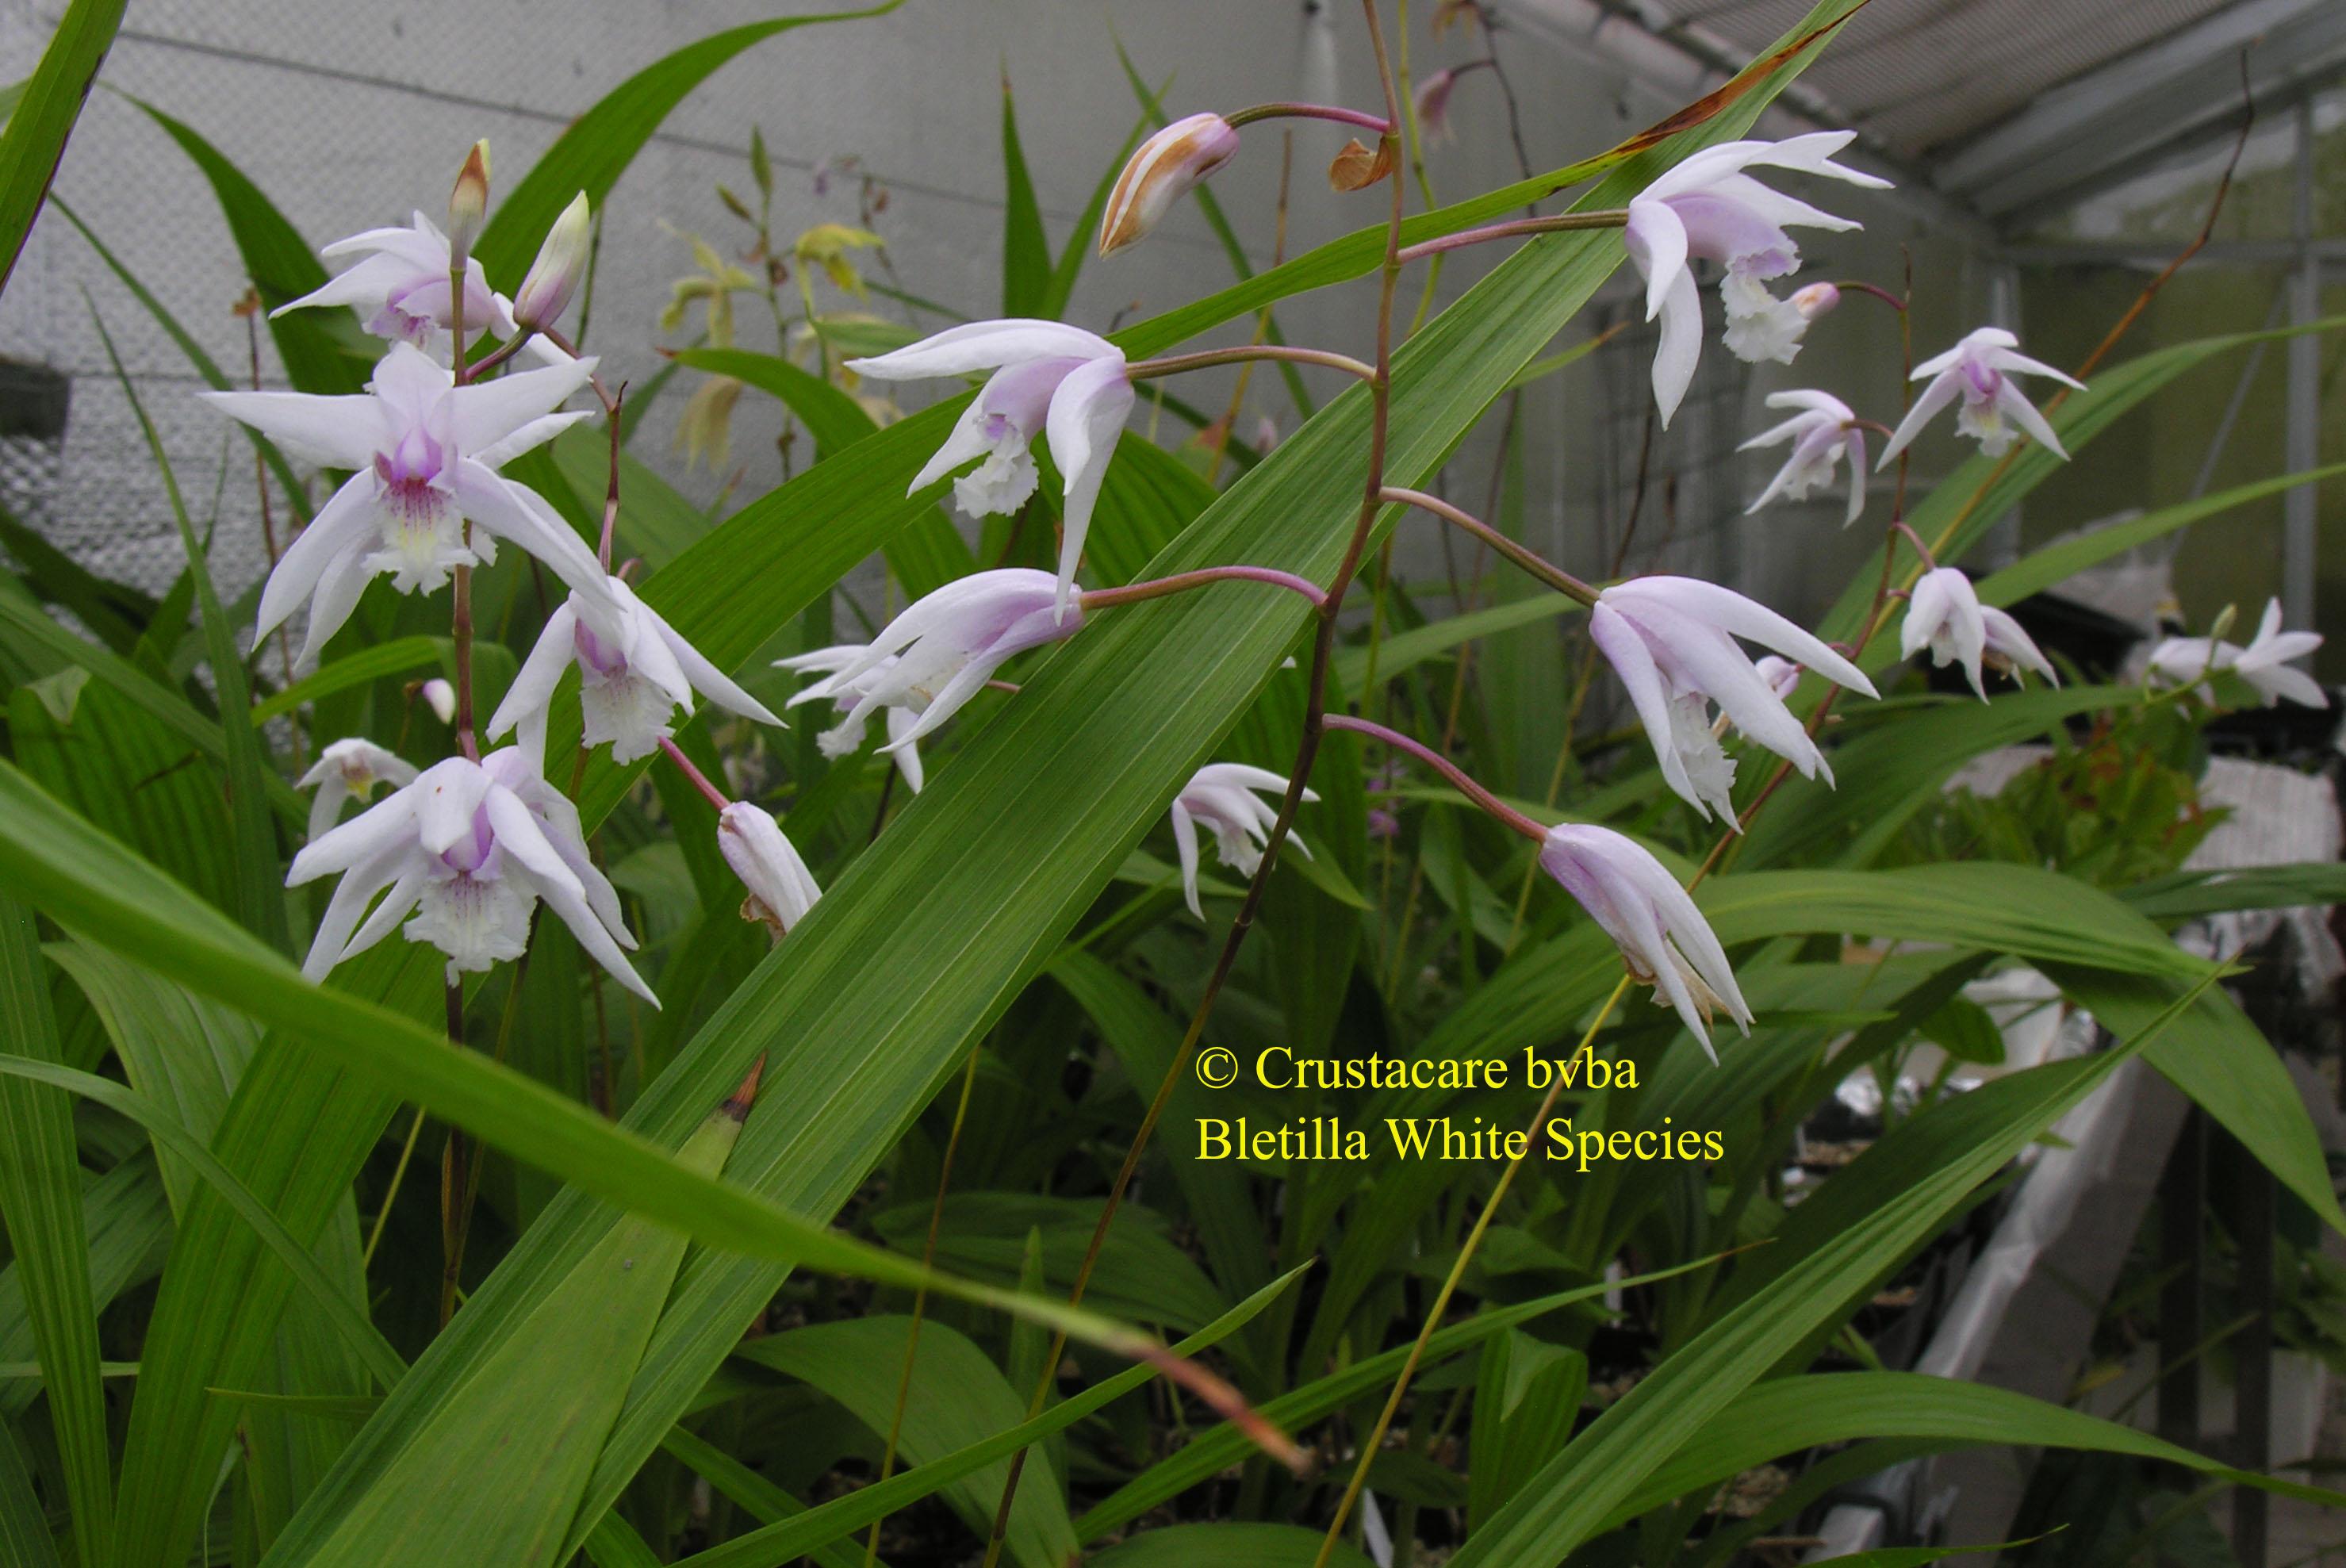 Albiflora Striata Soryu X White Flower Species Albiflora Is A